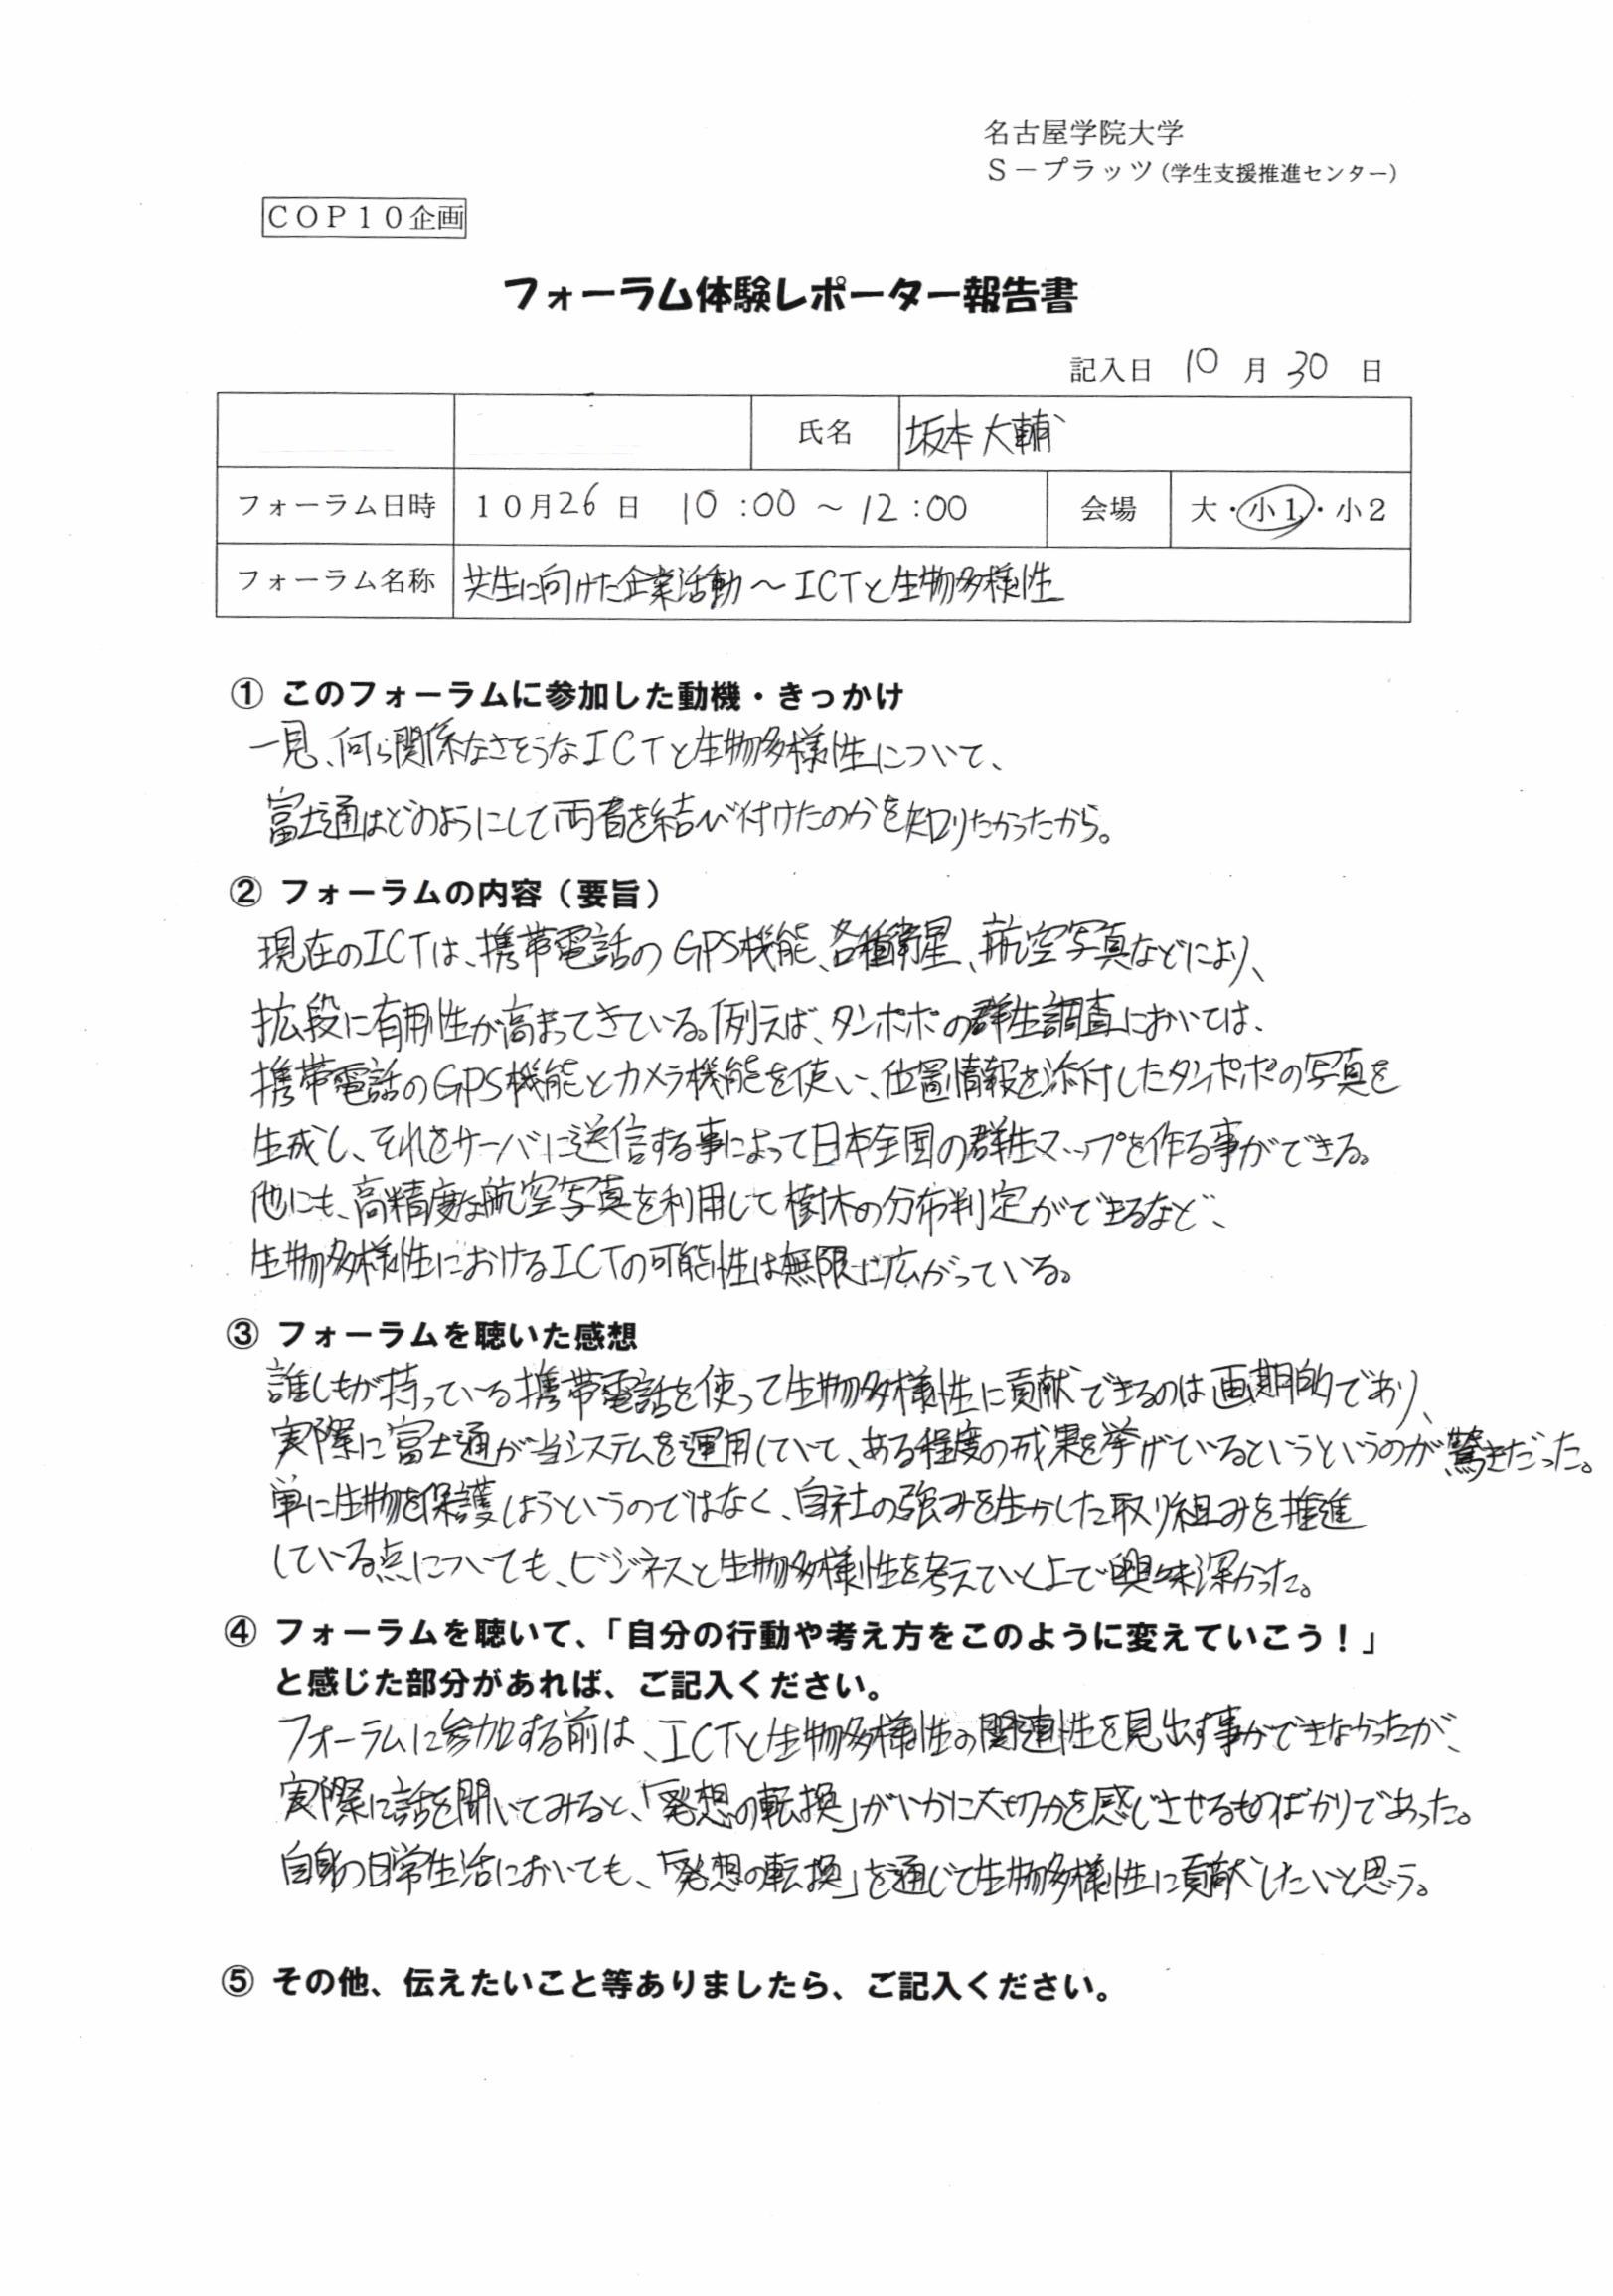 フォーラム体験レポーター報告坂本